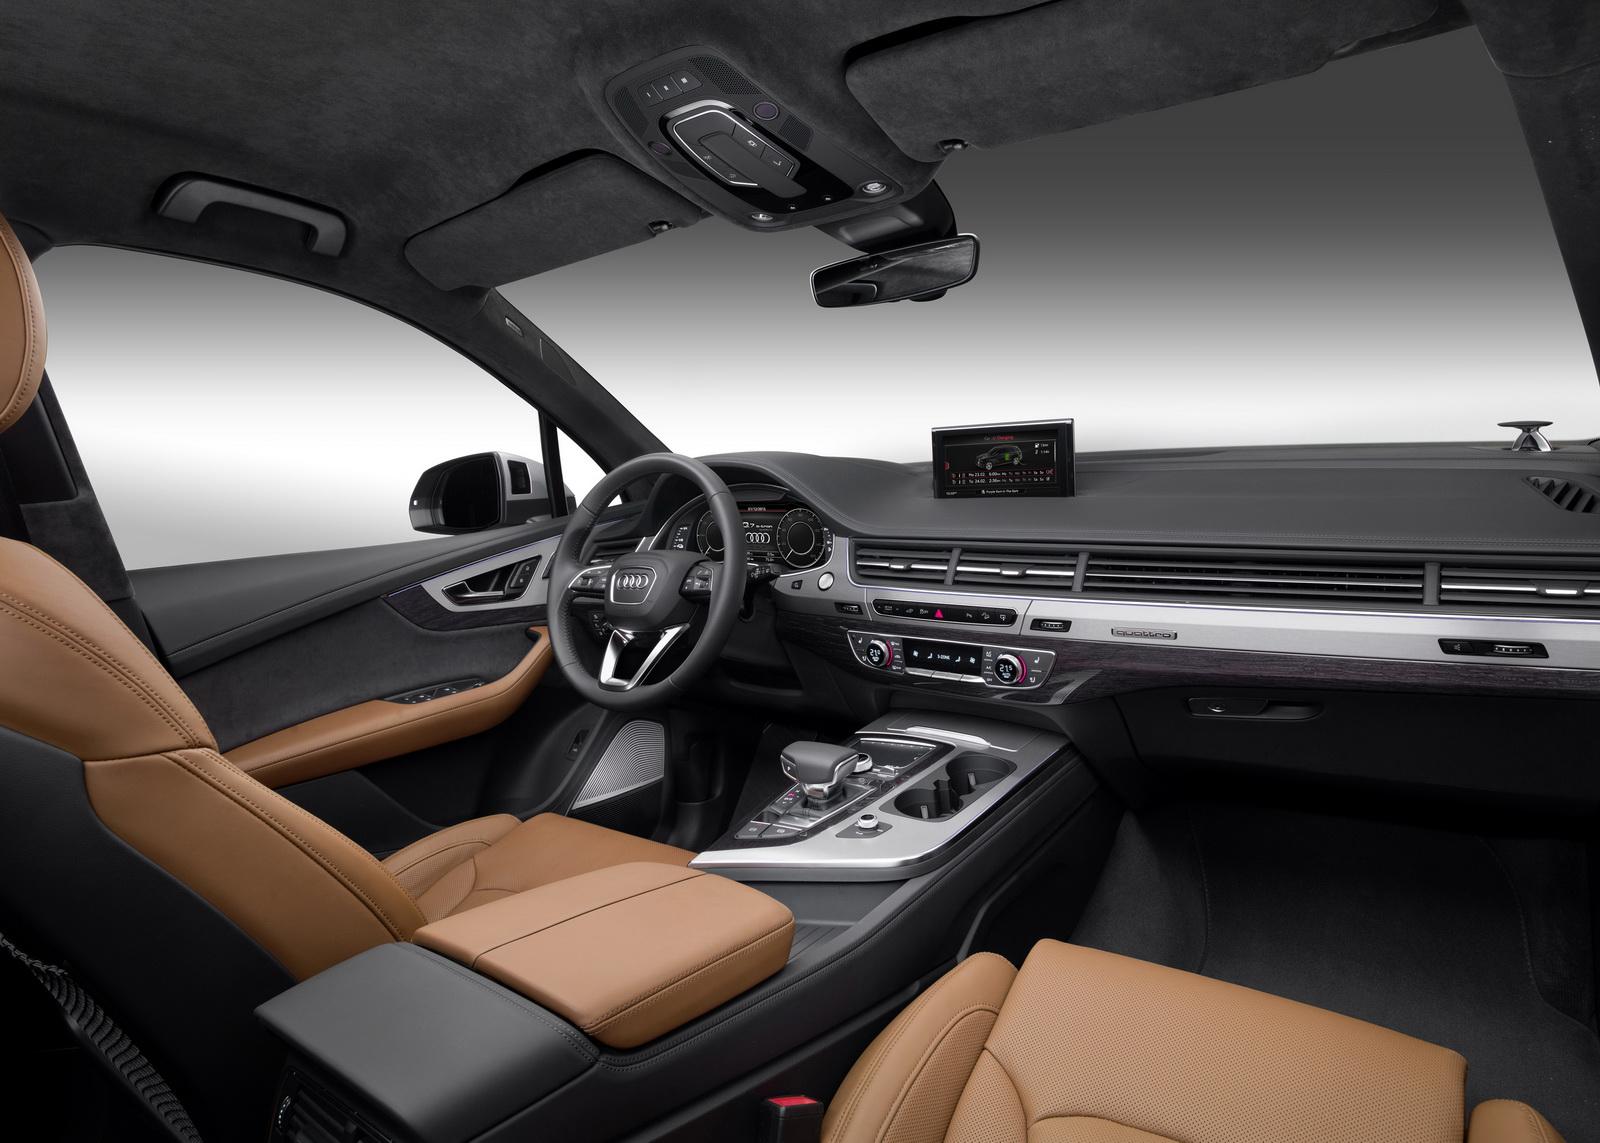 Audi Q7 e-tron 3.0 TDI quattro 2016: Sólo 1.7l/100 km de consumo medio 2